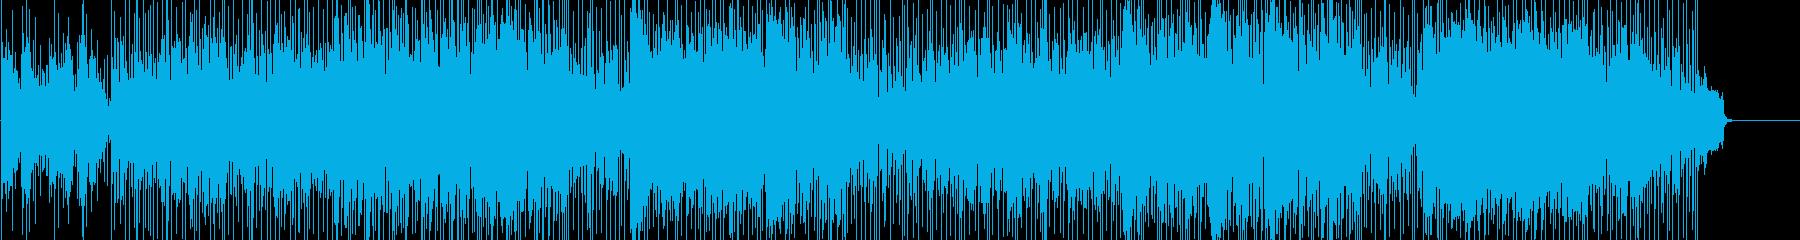 ポップ。ピアノバー。の再生済みの波形